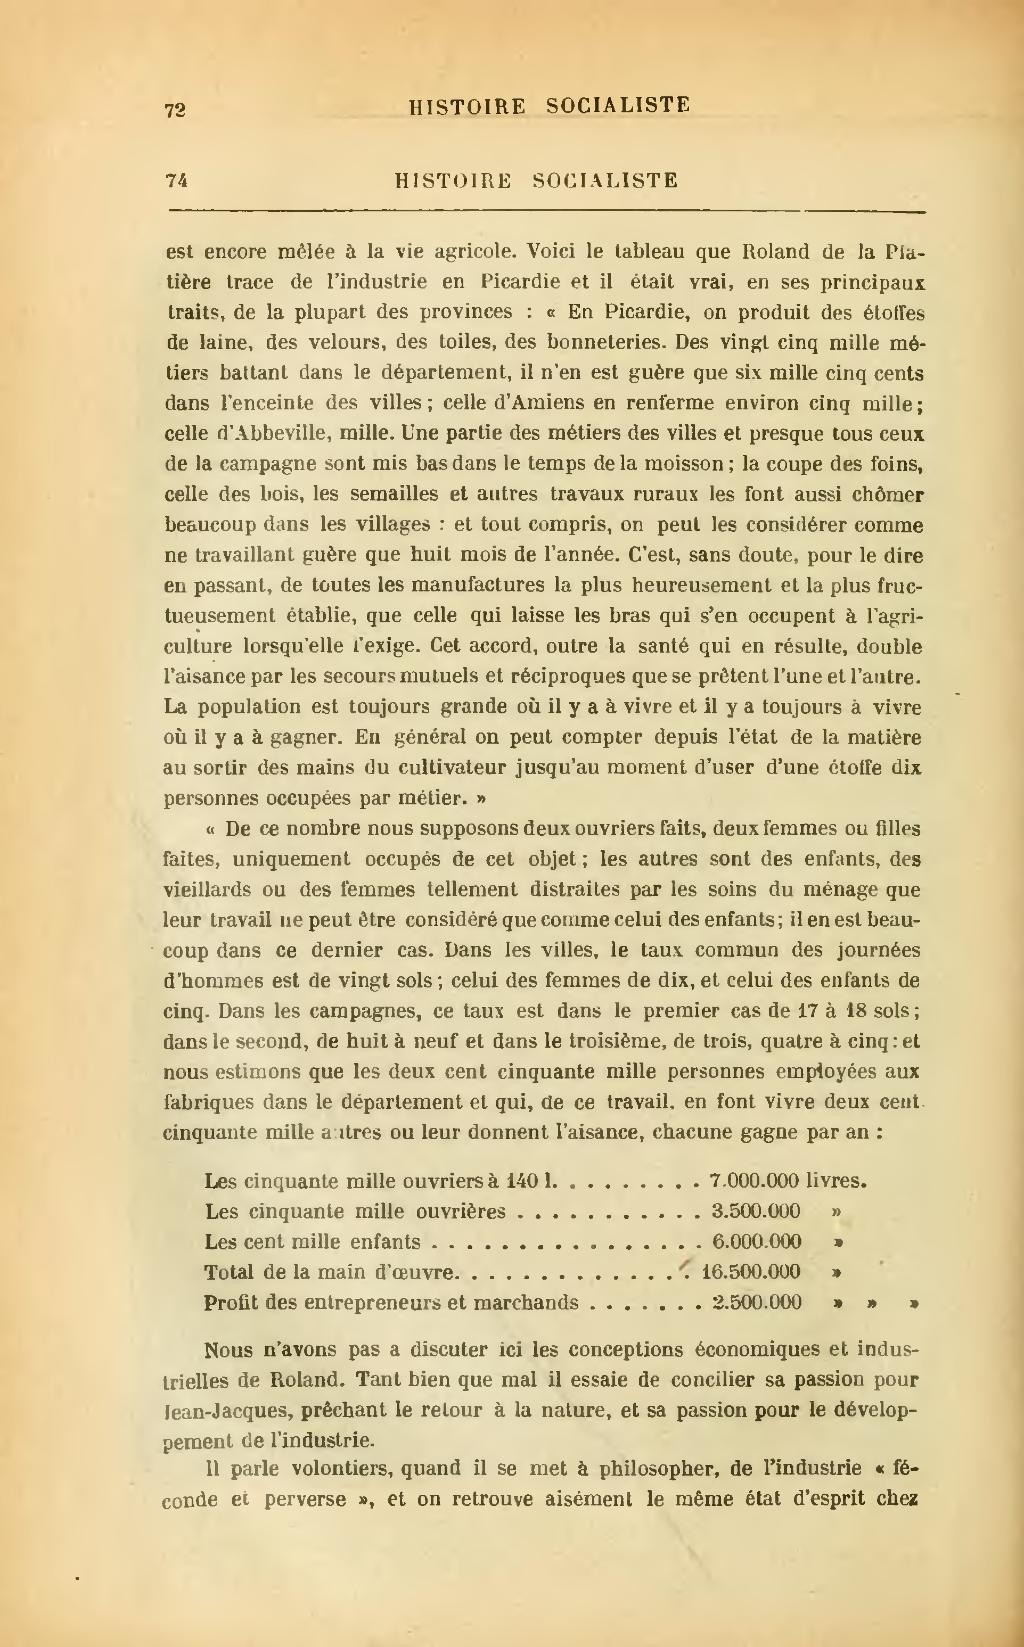 3ca9ec5ad56c93 Page Jaurès - Histoire socialiste, I.djvu 84 - Wikisource